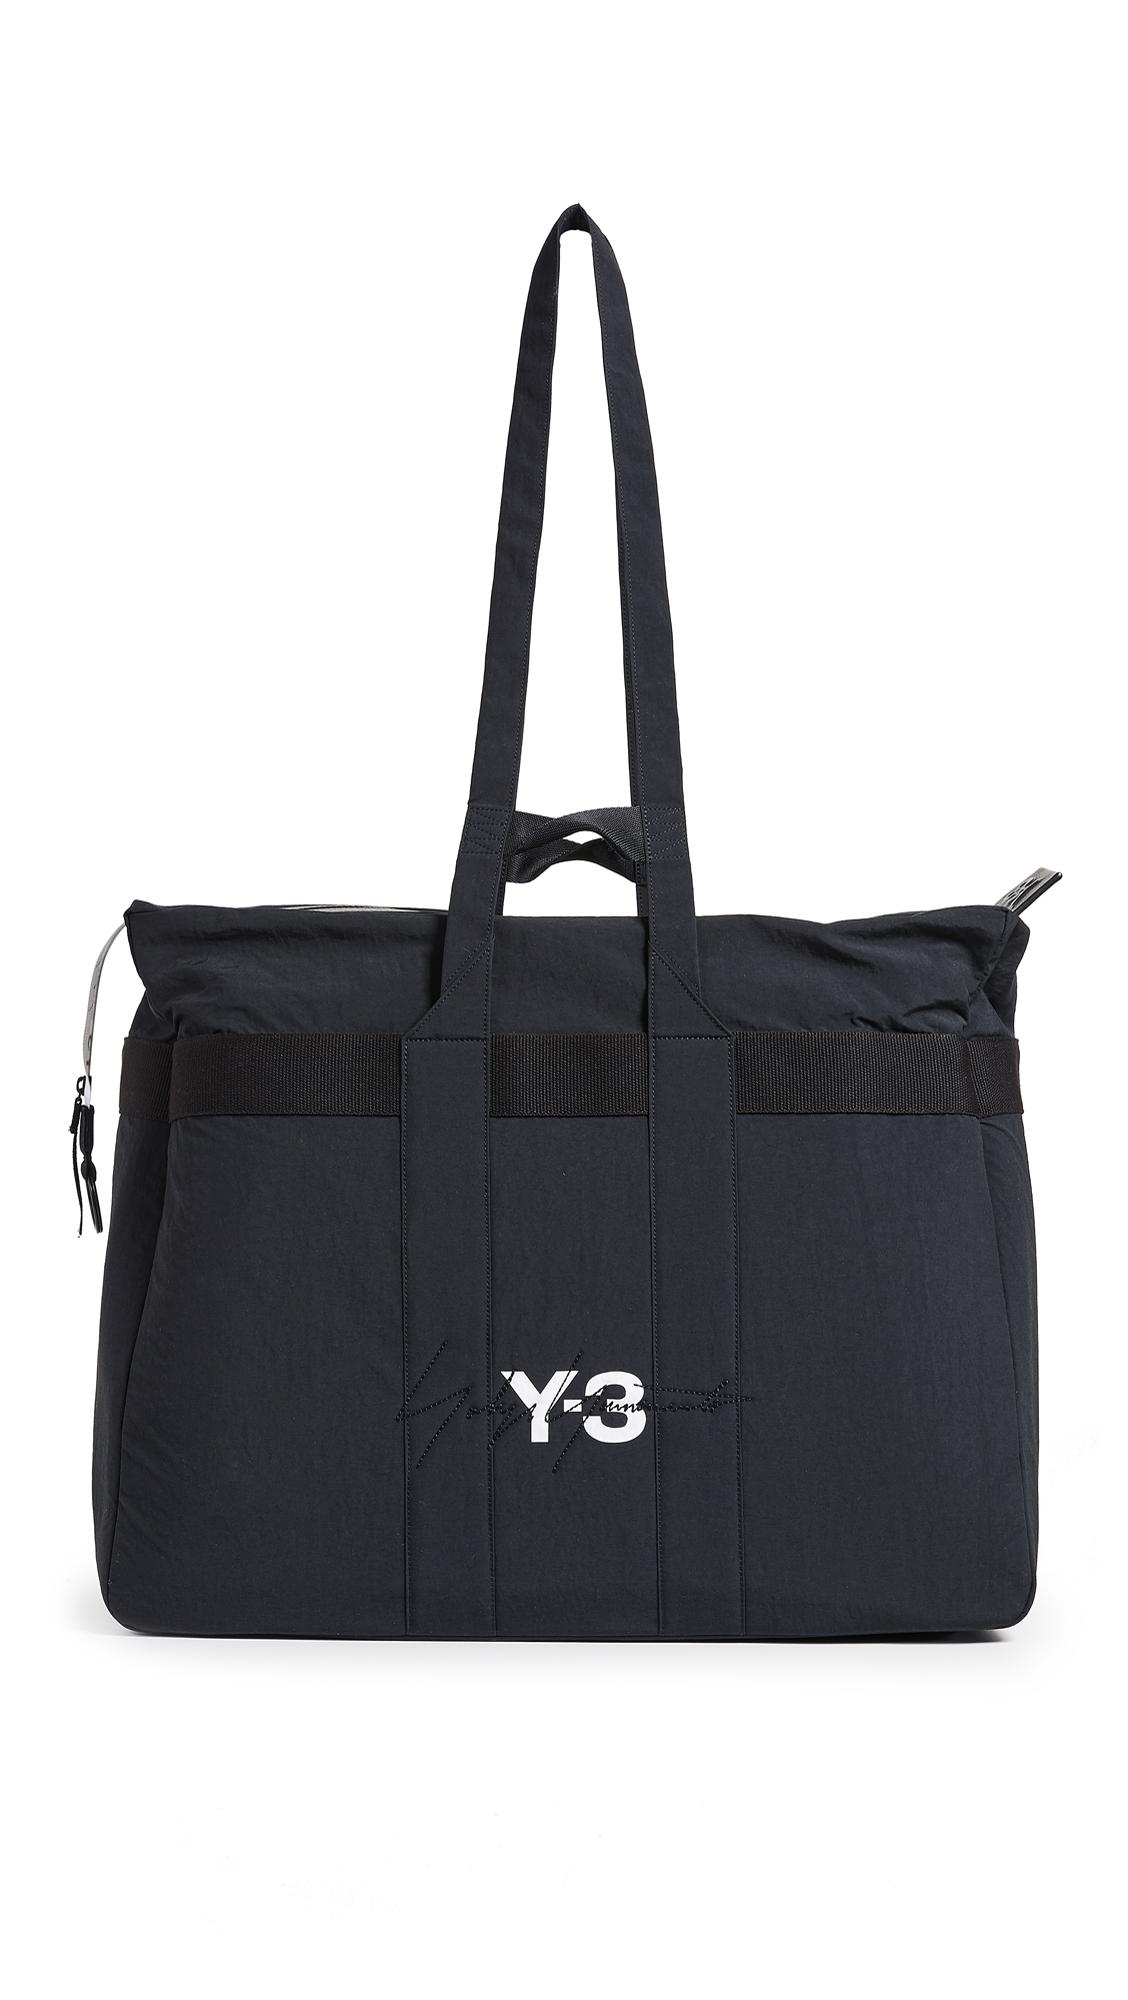 Y-3 Bags WEEKENDER BAG